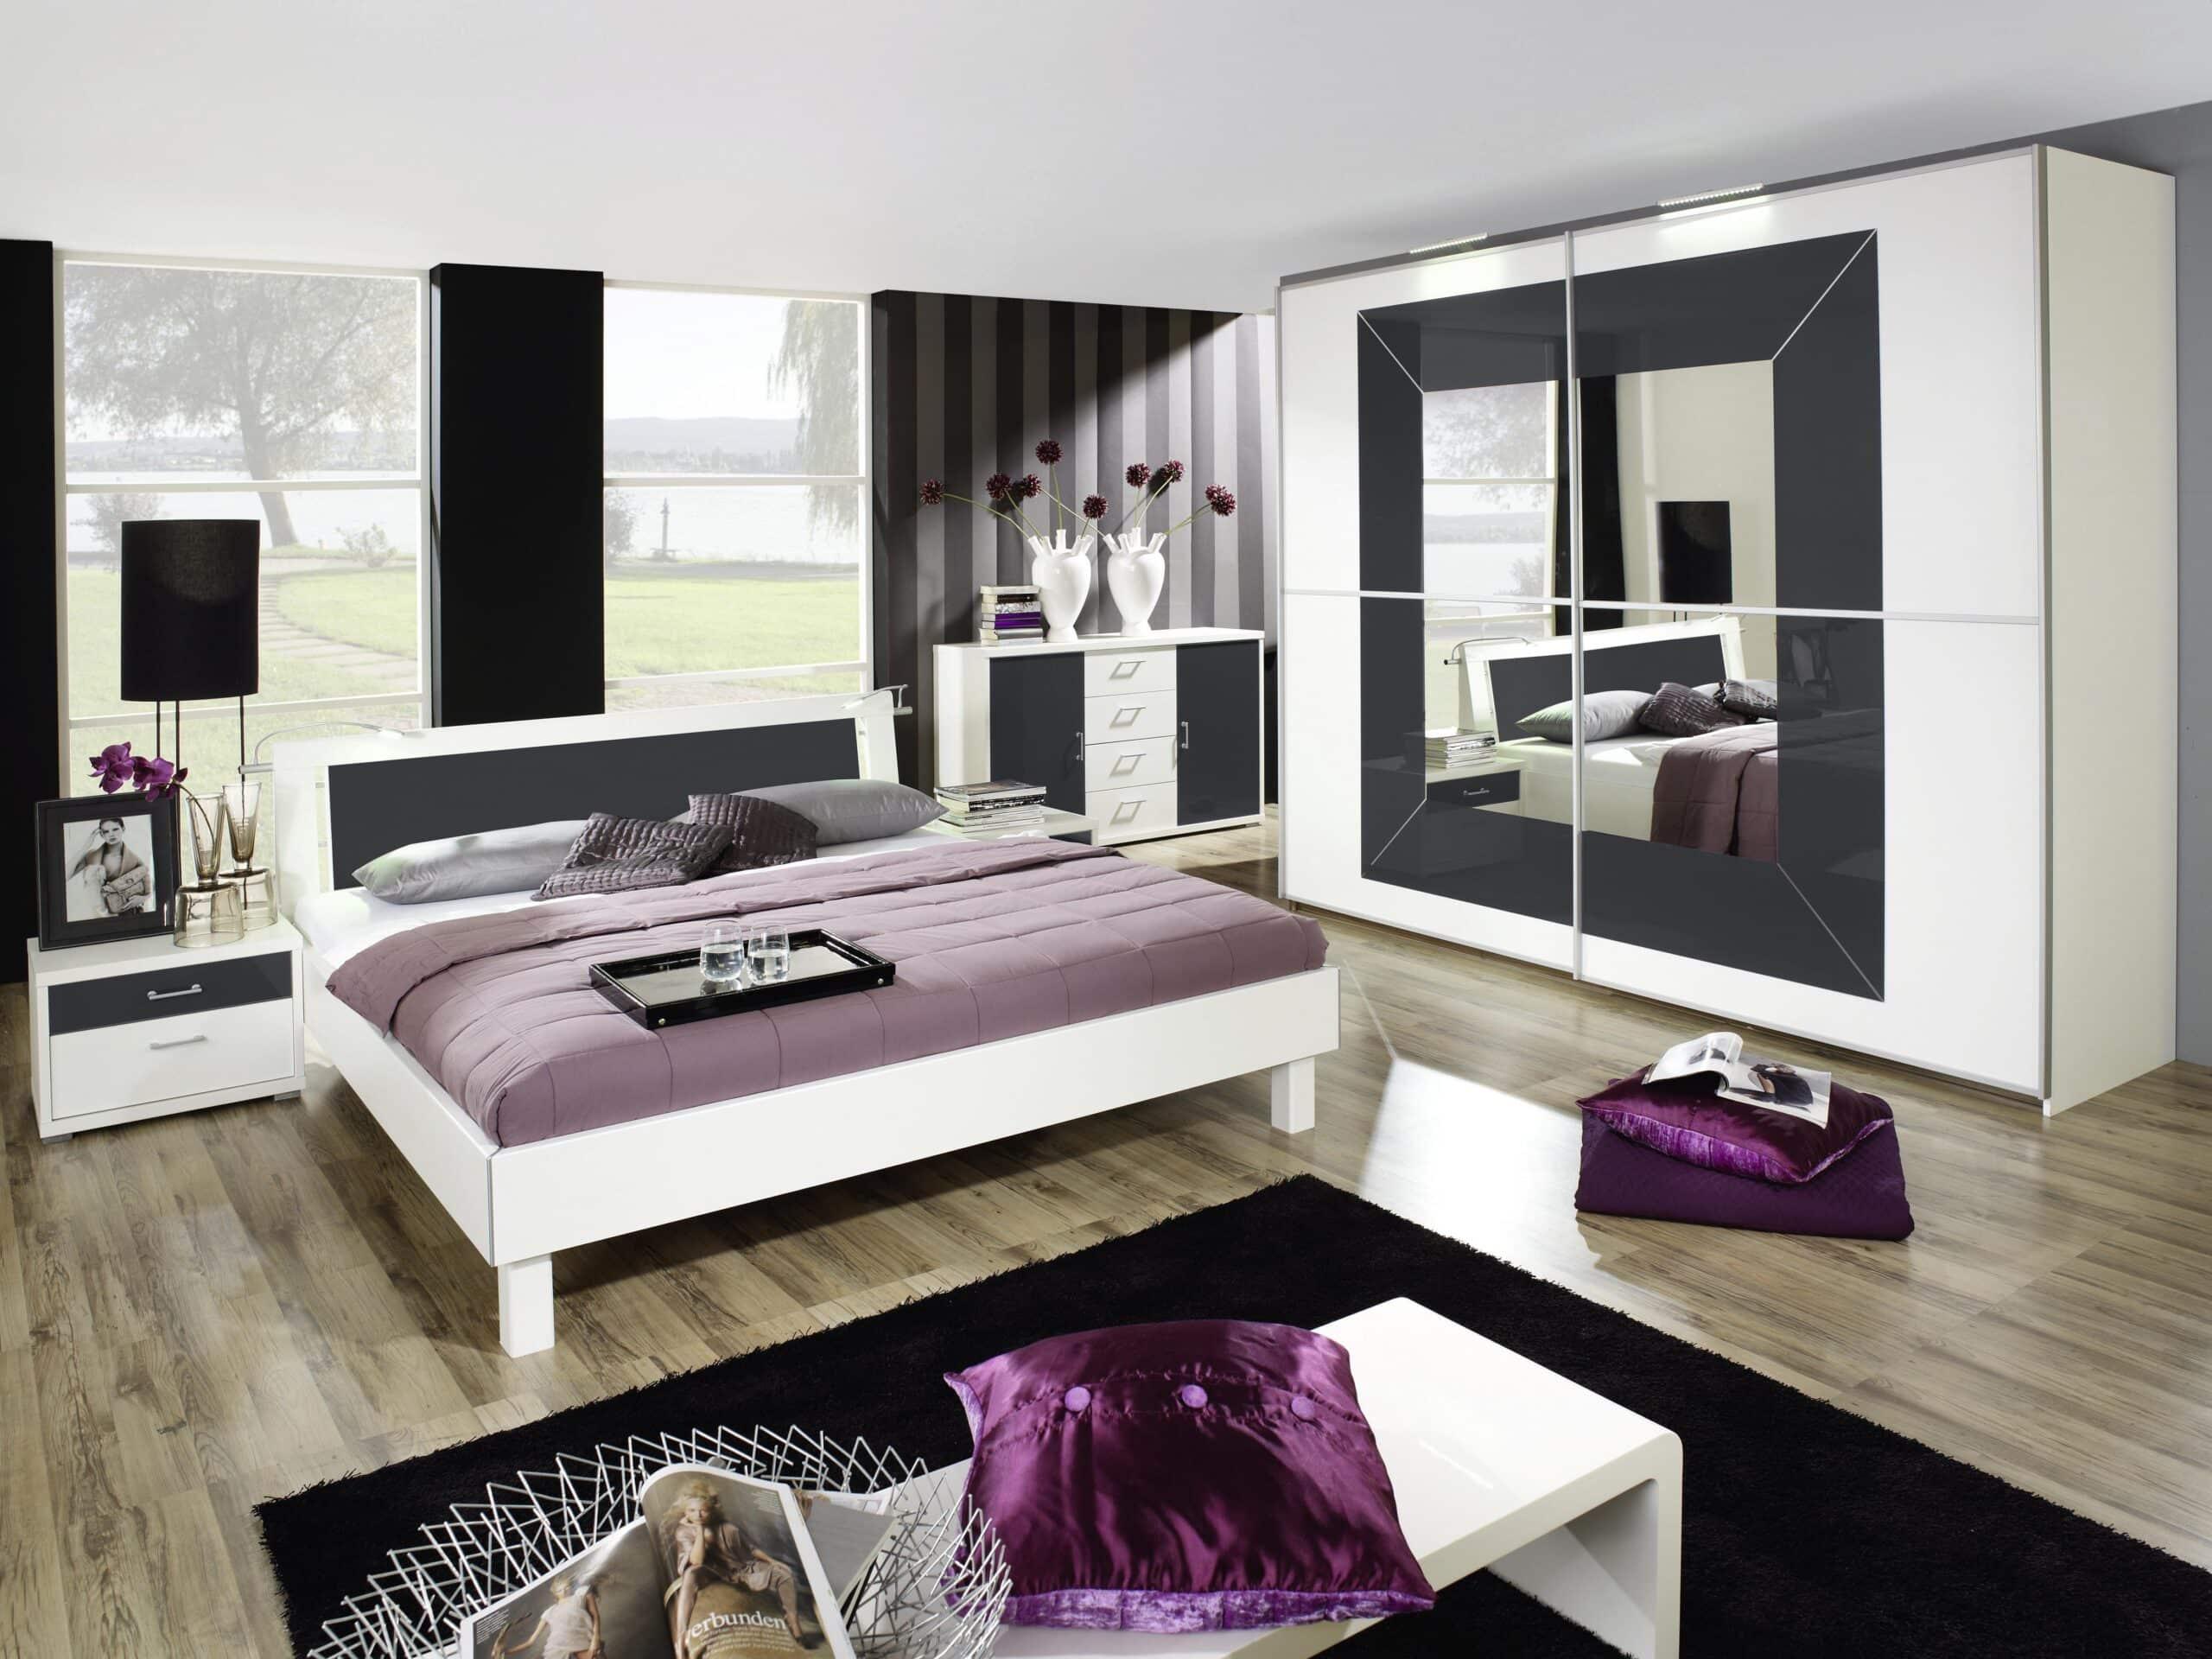 Chambres : Meubles de chambre et idée de décoration